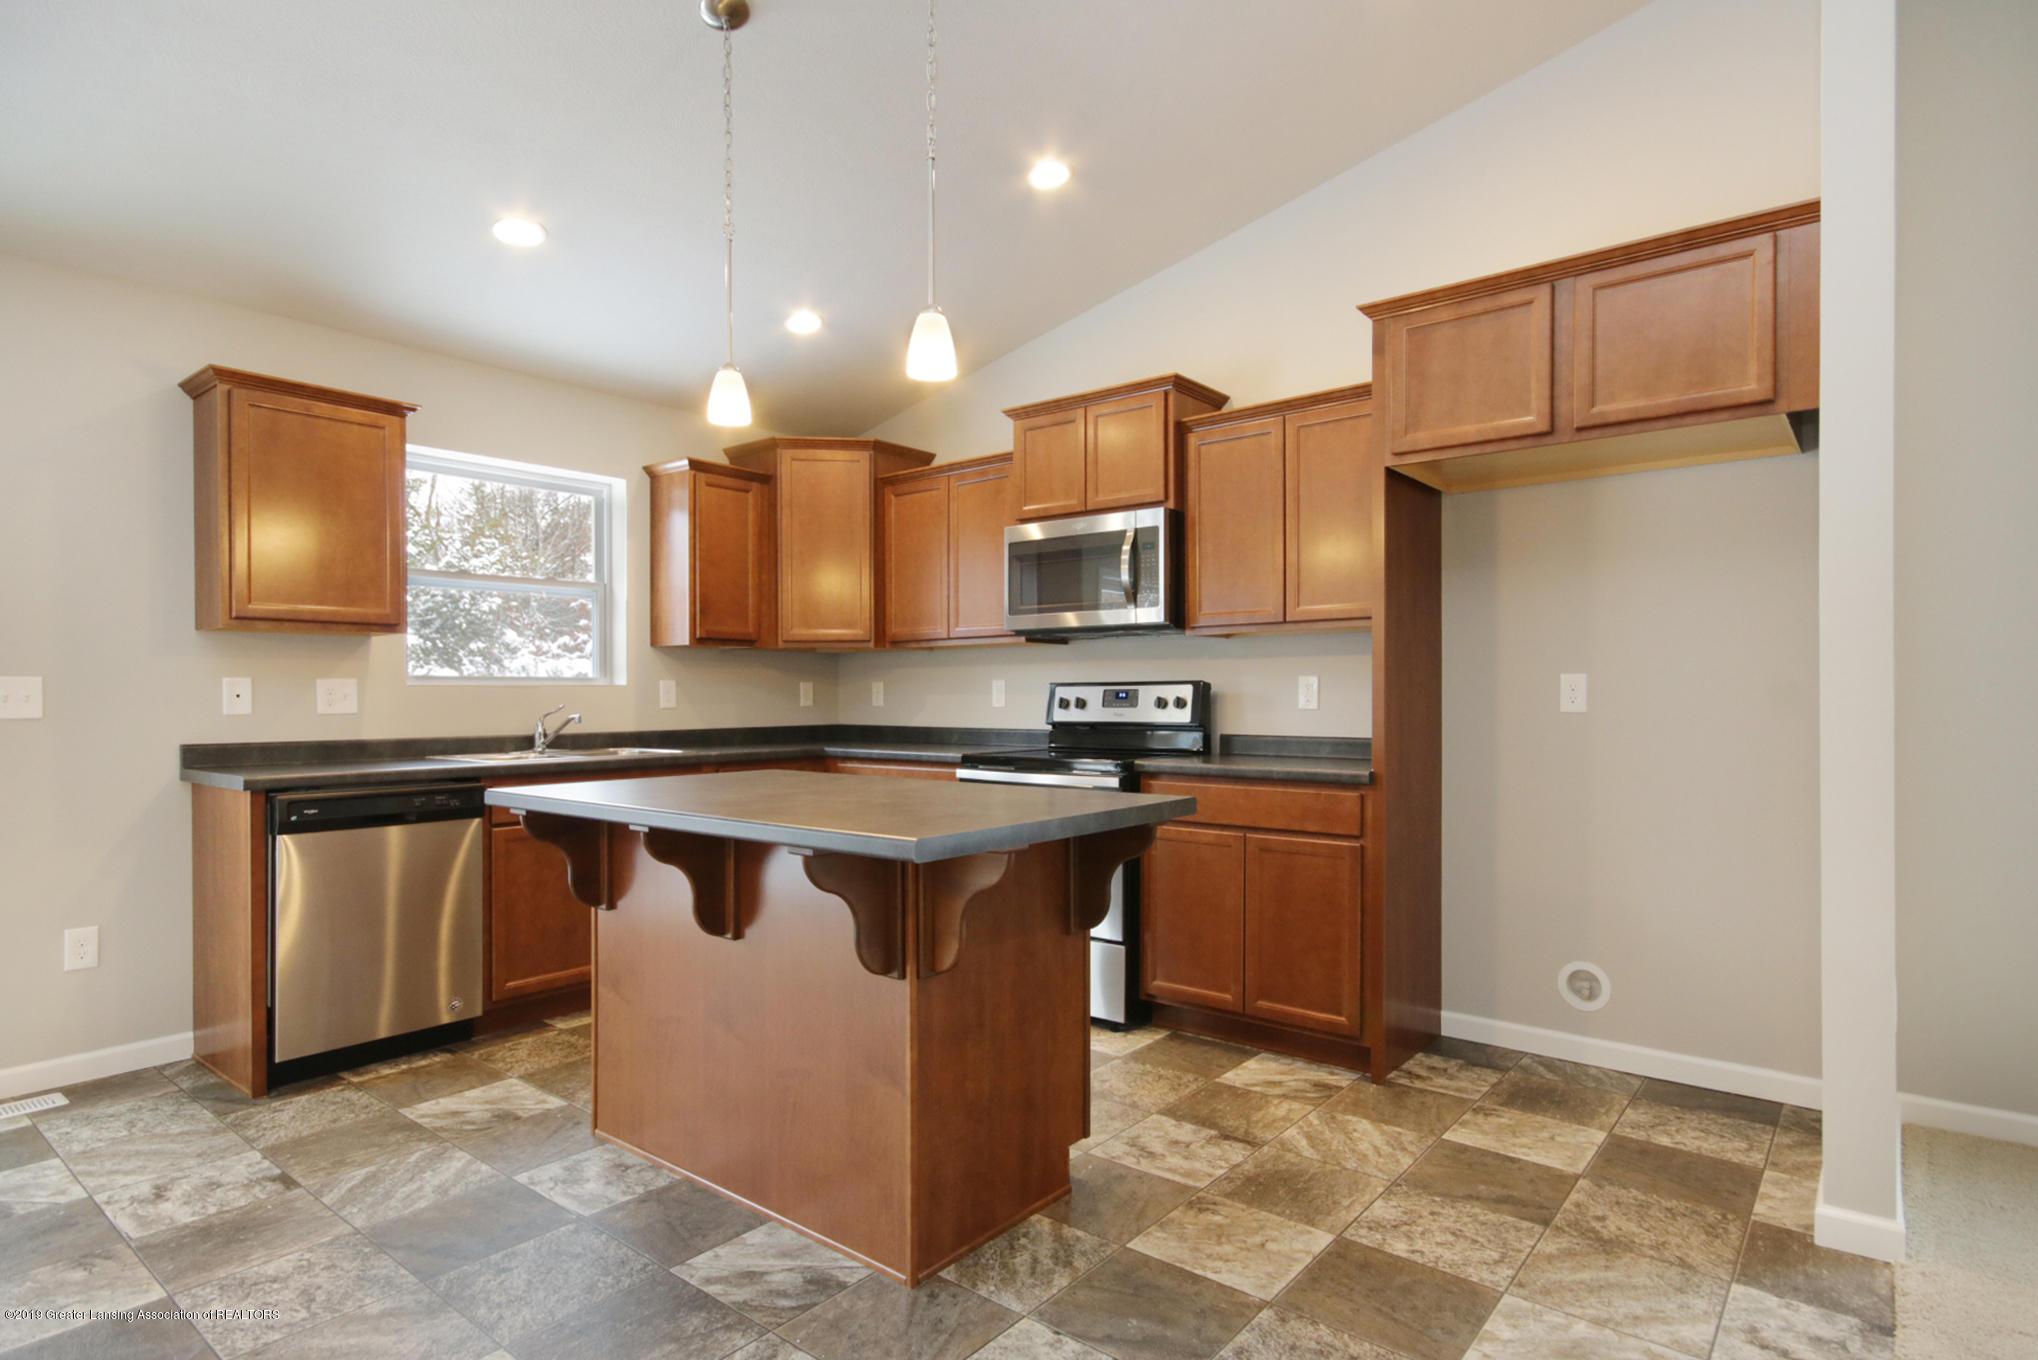 14171 Cordaleigh Dr - GSC035-E1600 Kitchen1 - 5